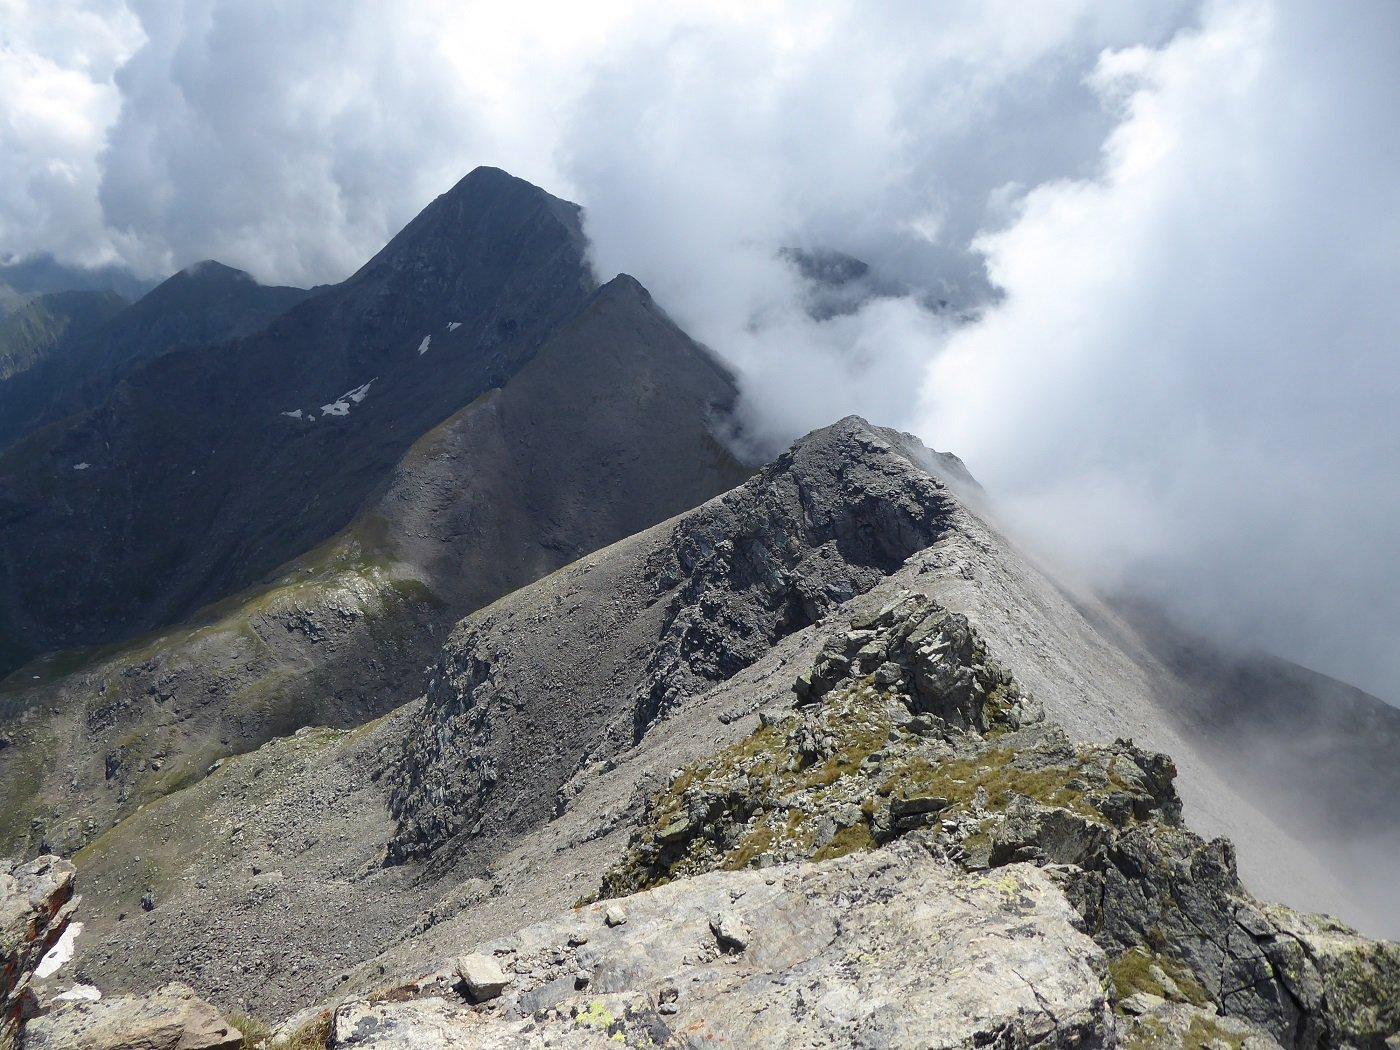 Dalla vetta sguardo verso il Palon con le nebbie in arrivo dalla Valle di Susa.